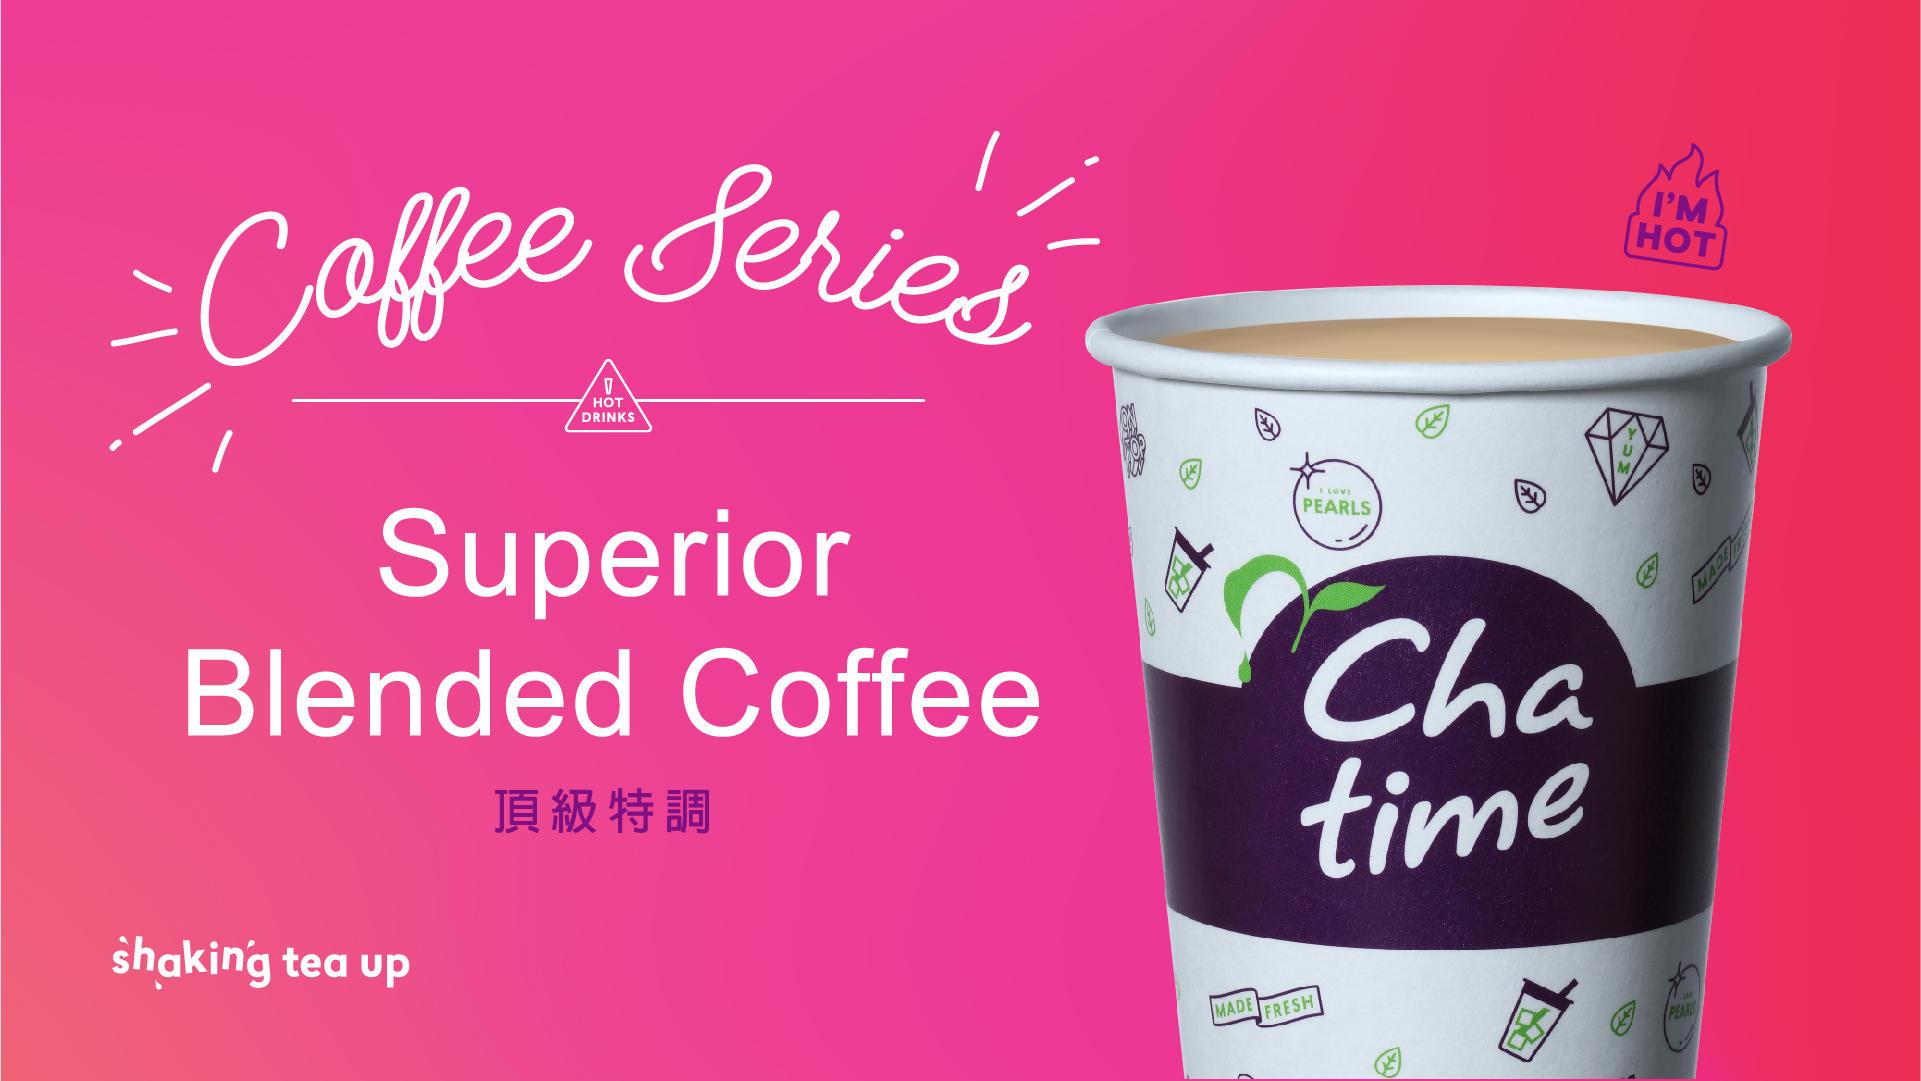 Chatime Bubble Tea & Slurping Noodles image 59